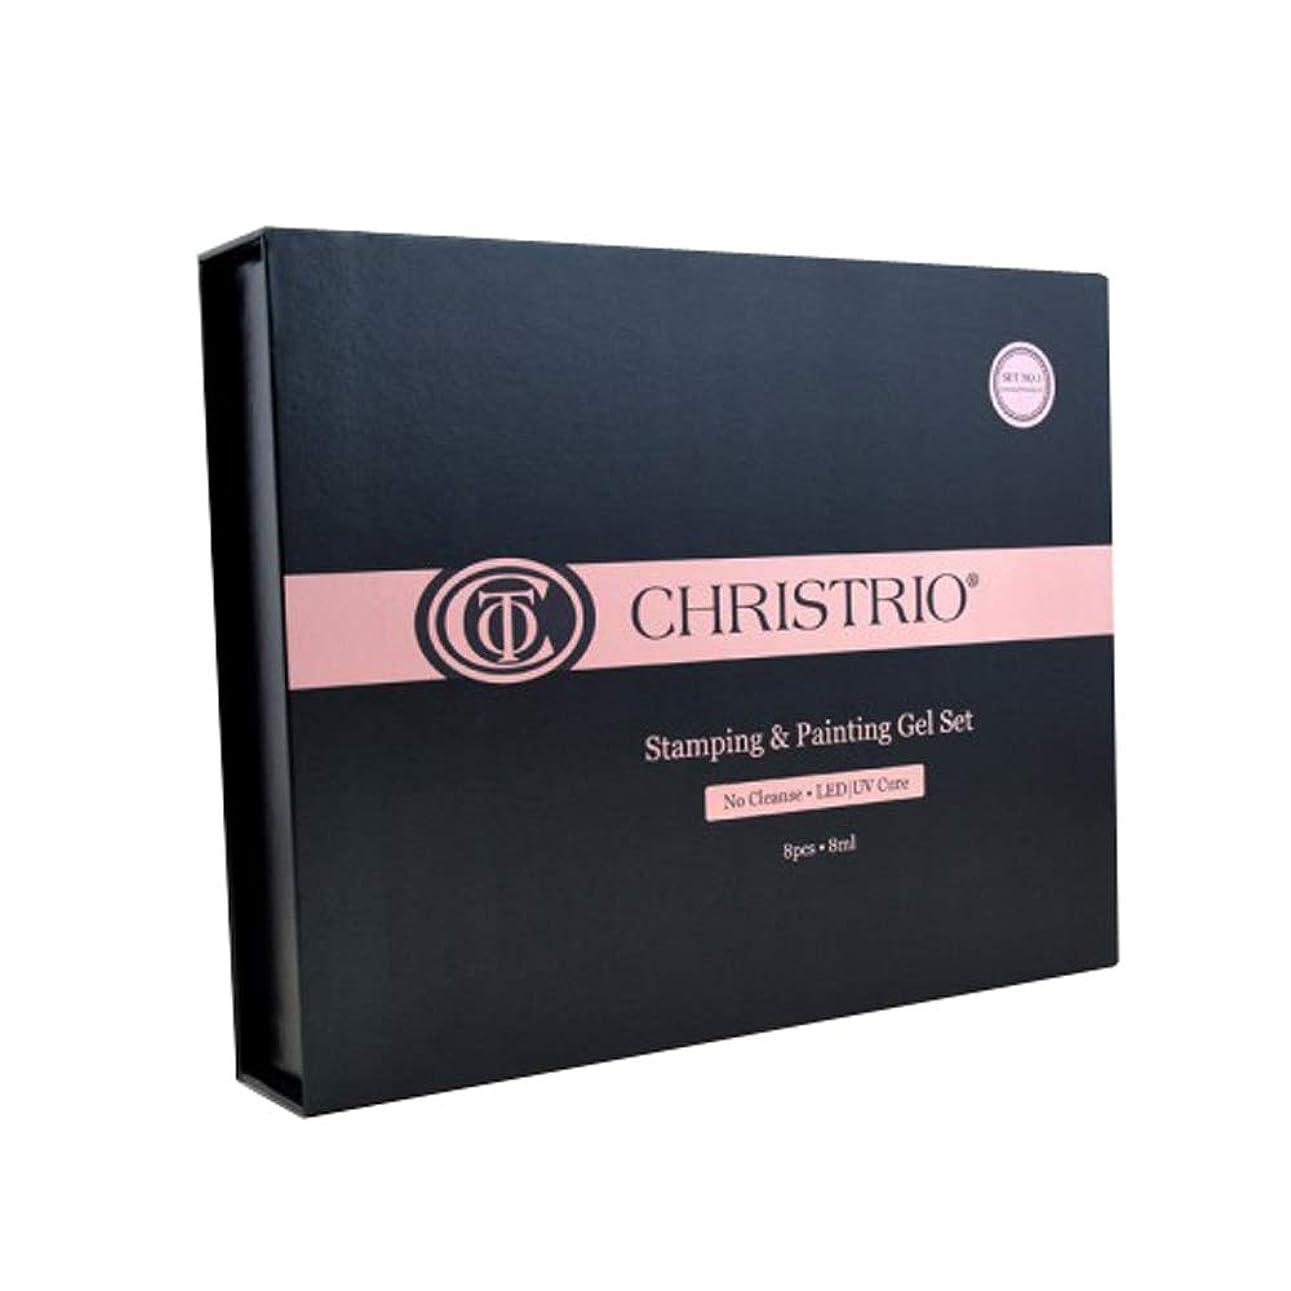 引退するスチュワーデスめったにCHRISTRIO スタンピング&ペインティングジェルセット No.2